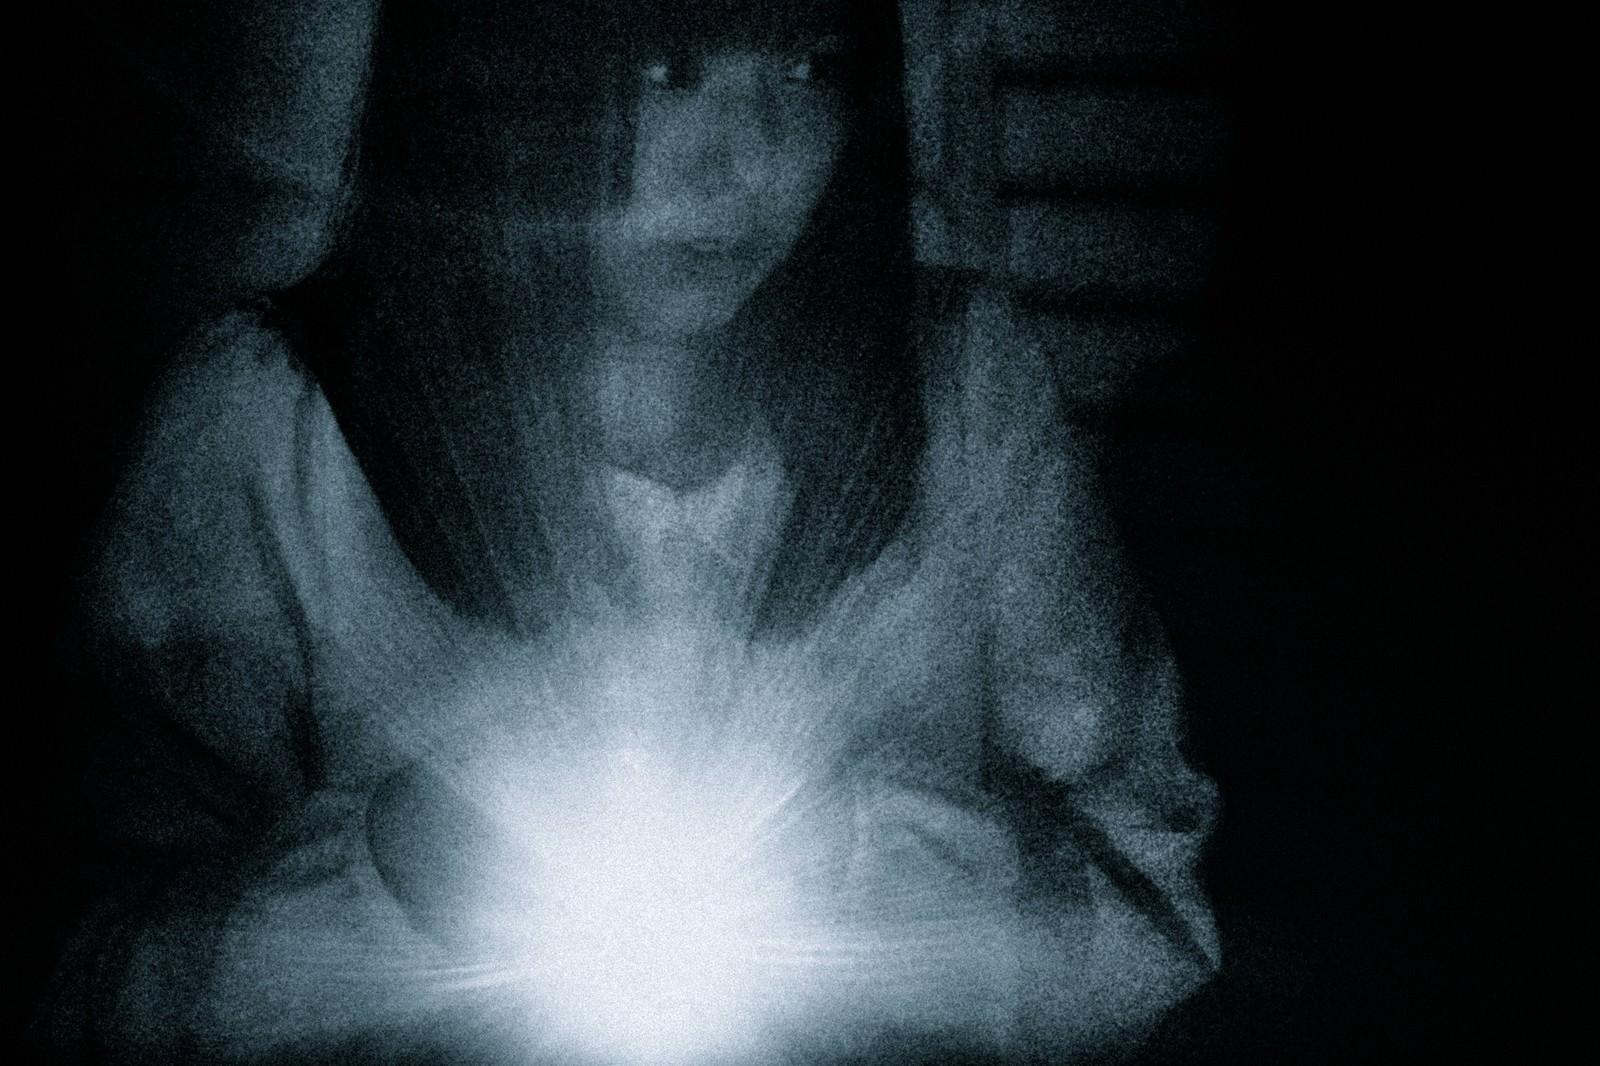 「少しずつ、ゆっくり、慎重に、警戒しながら。ライトの光を頼りに探索する女性」の写真[モデル:さとうゆい]